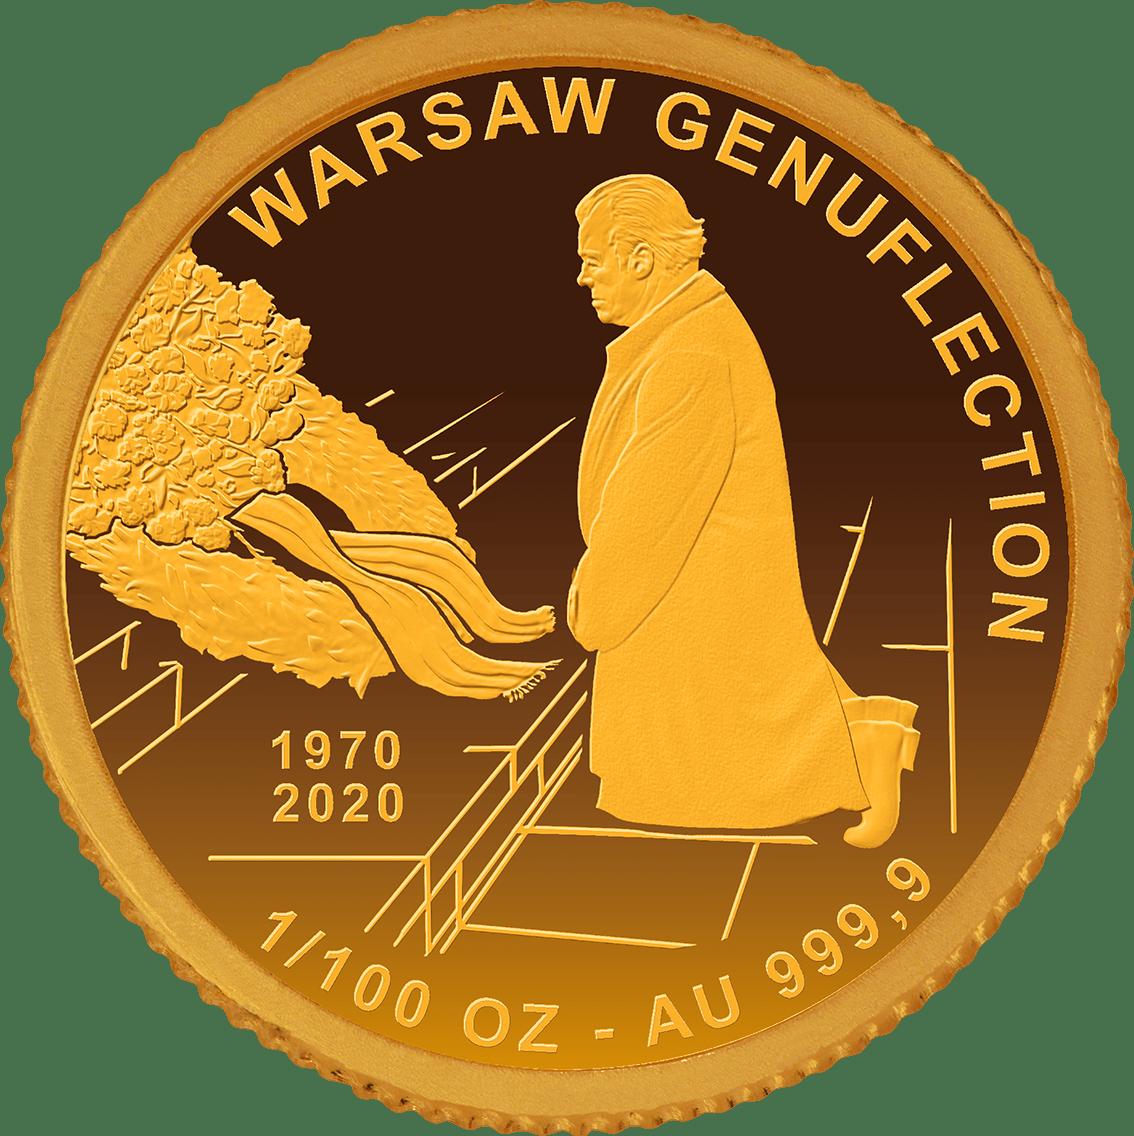 Kniefall Warschau